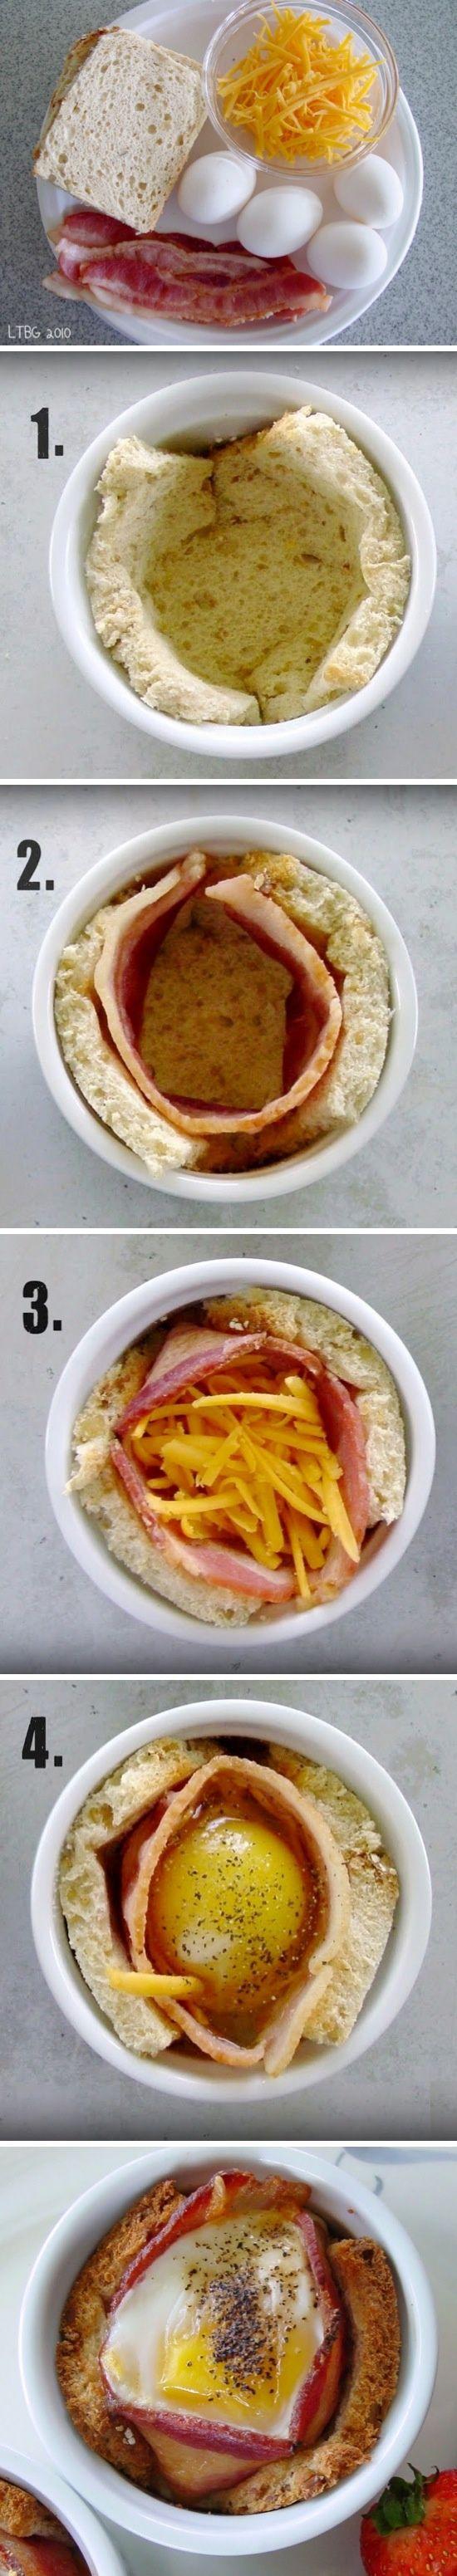 #food #recipe #delicious